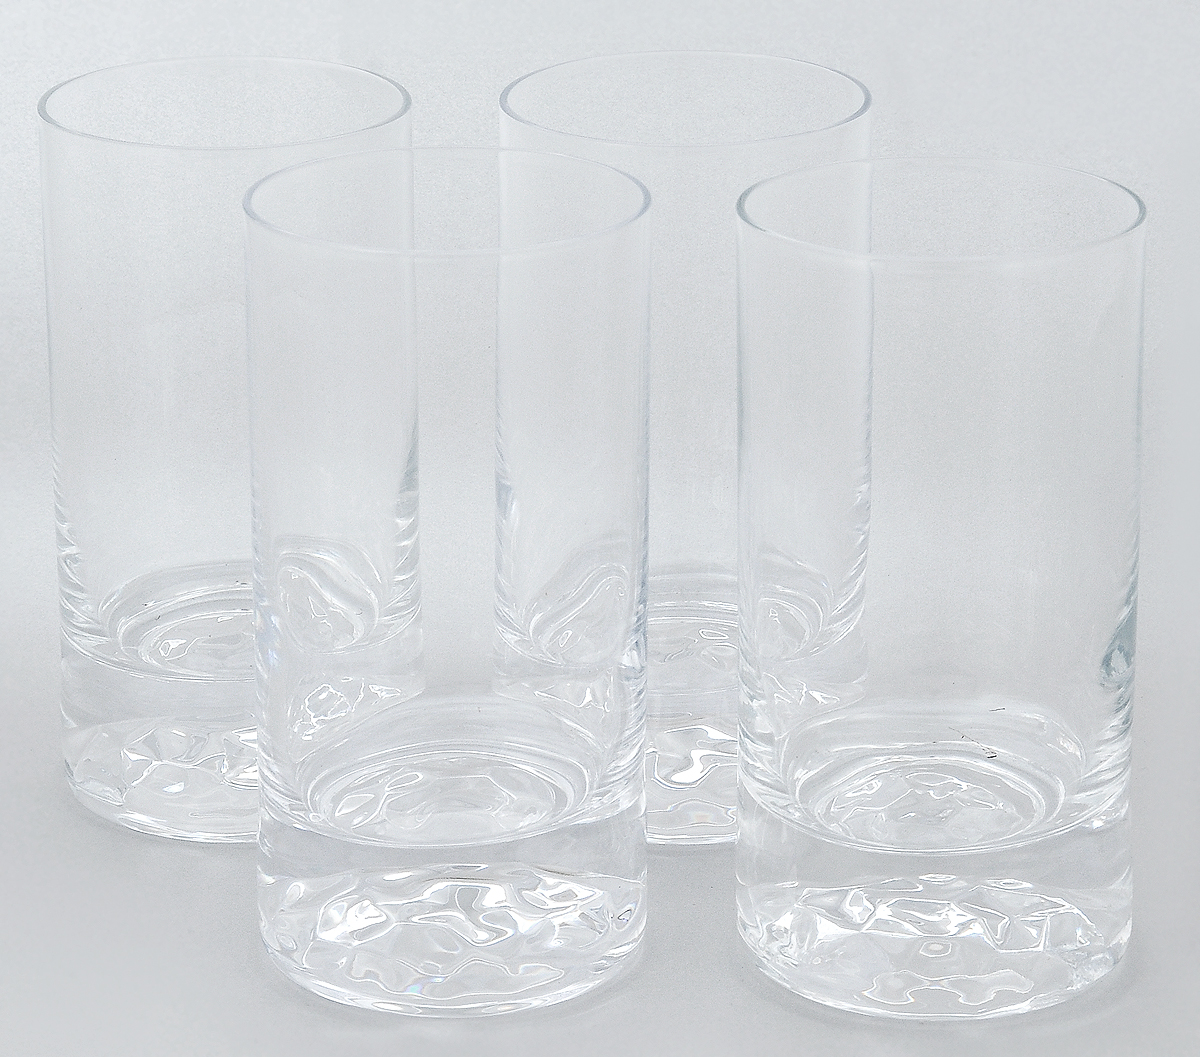 Набор стаканов Pasabahce Club, 280 мл, 4 шт64040NНабор Pasabahce Club состоит из 4 стаканов, выполненных из прочного натрий-кальций-силикатного стекла. Изделия предназначены для подачи воды и других безалкогольных напитков. Они отличаются особой прочностью, излучают приятный блеск и издают мелодичный хрустальный звон.Стаканы станут идеальным украшением праздничного стола и отличным подарком к любому празднику.Можно мыть в посудомоечной машине и использовать в микроволновой печи.Диаметр стакана (по верхнему краю): 6,5 см.Высота: 13 см.